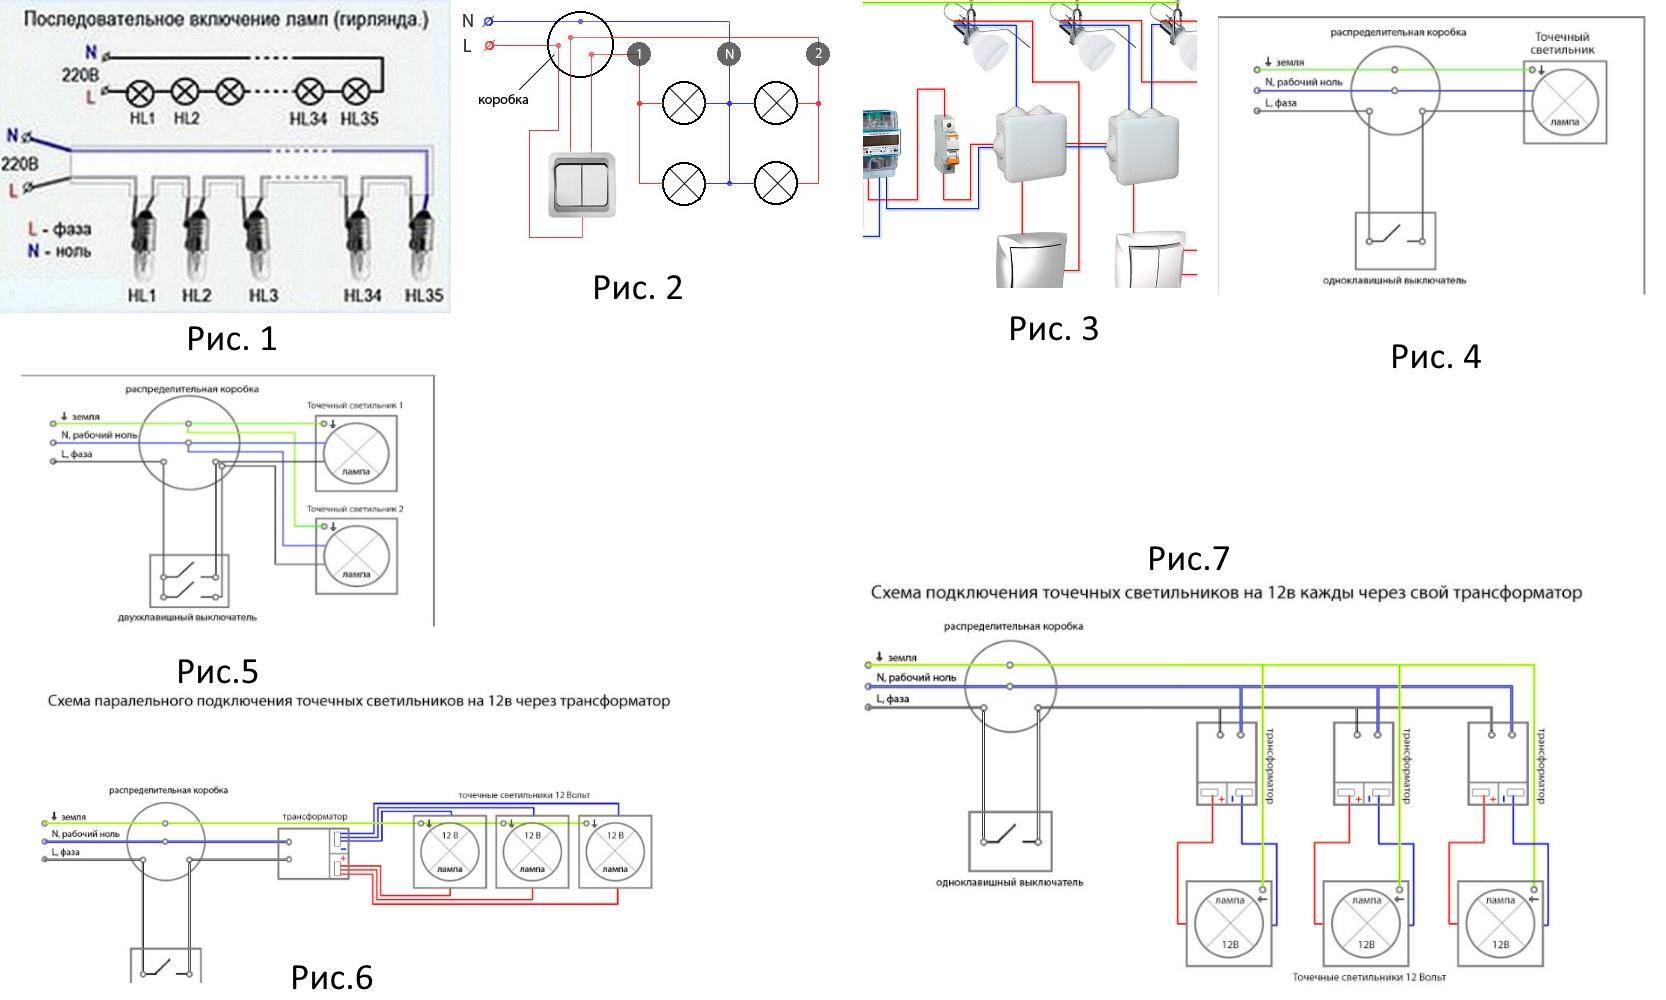 Схема подключения мебельных светильников